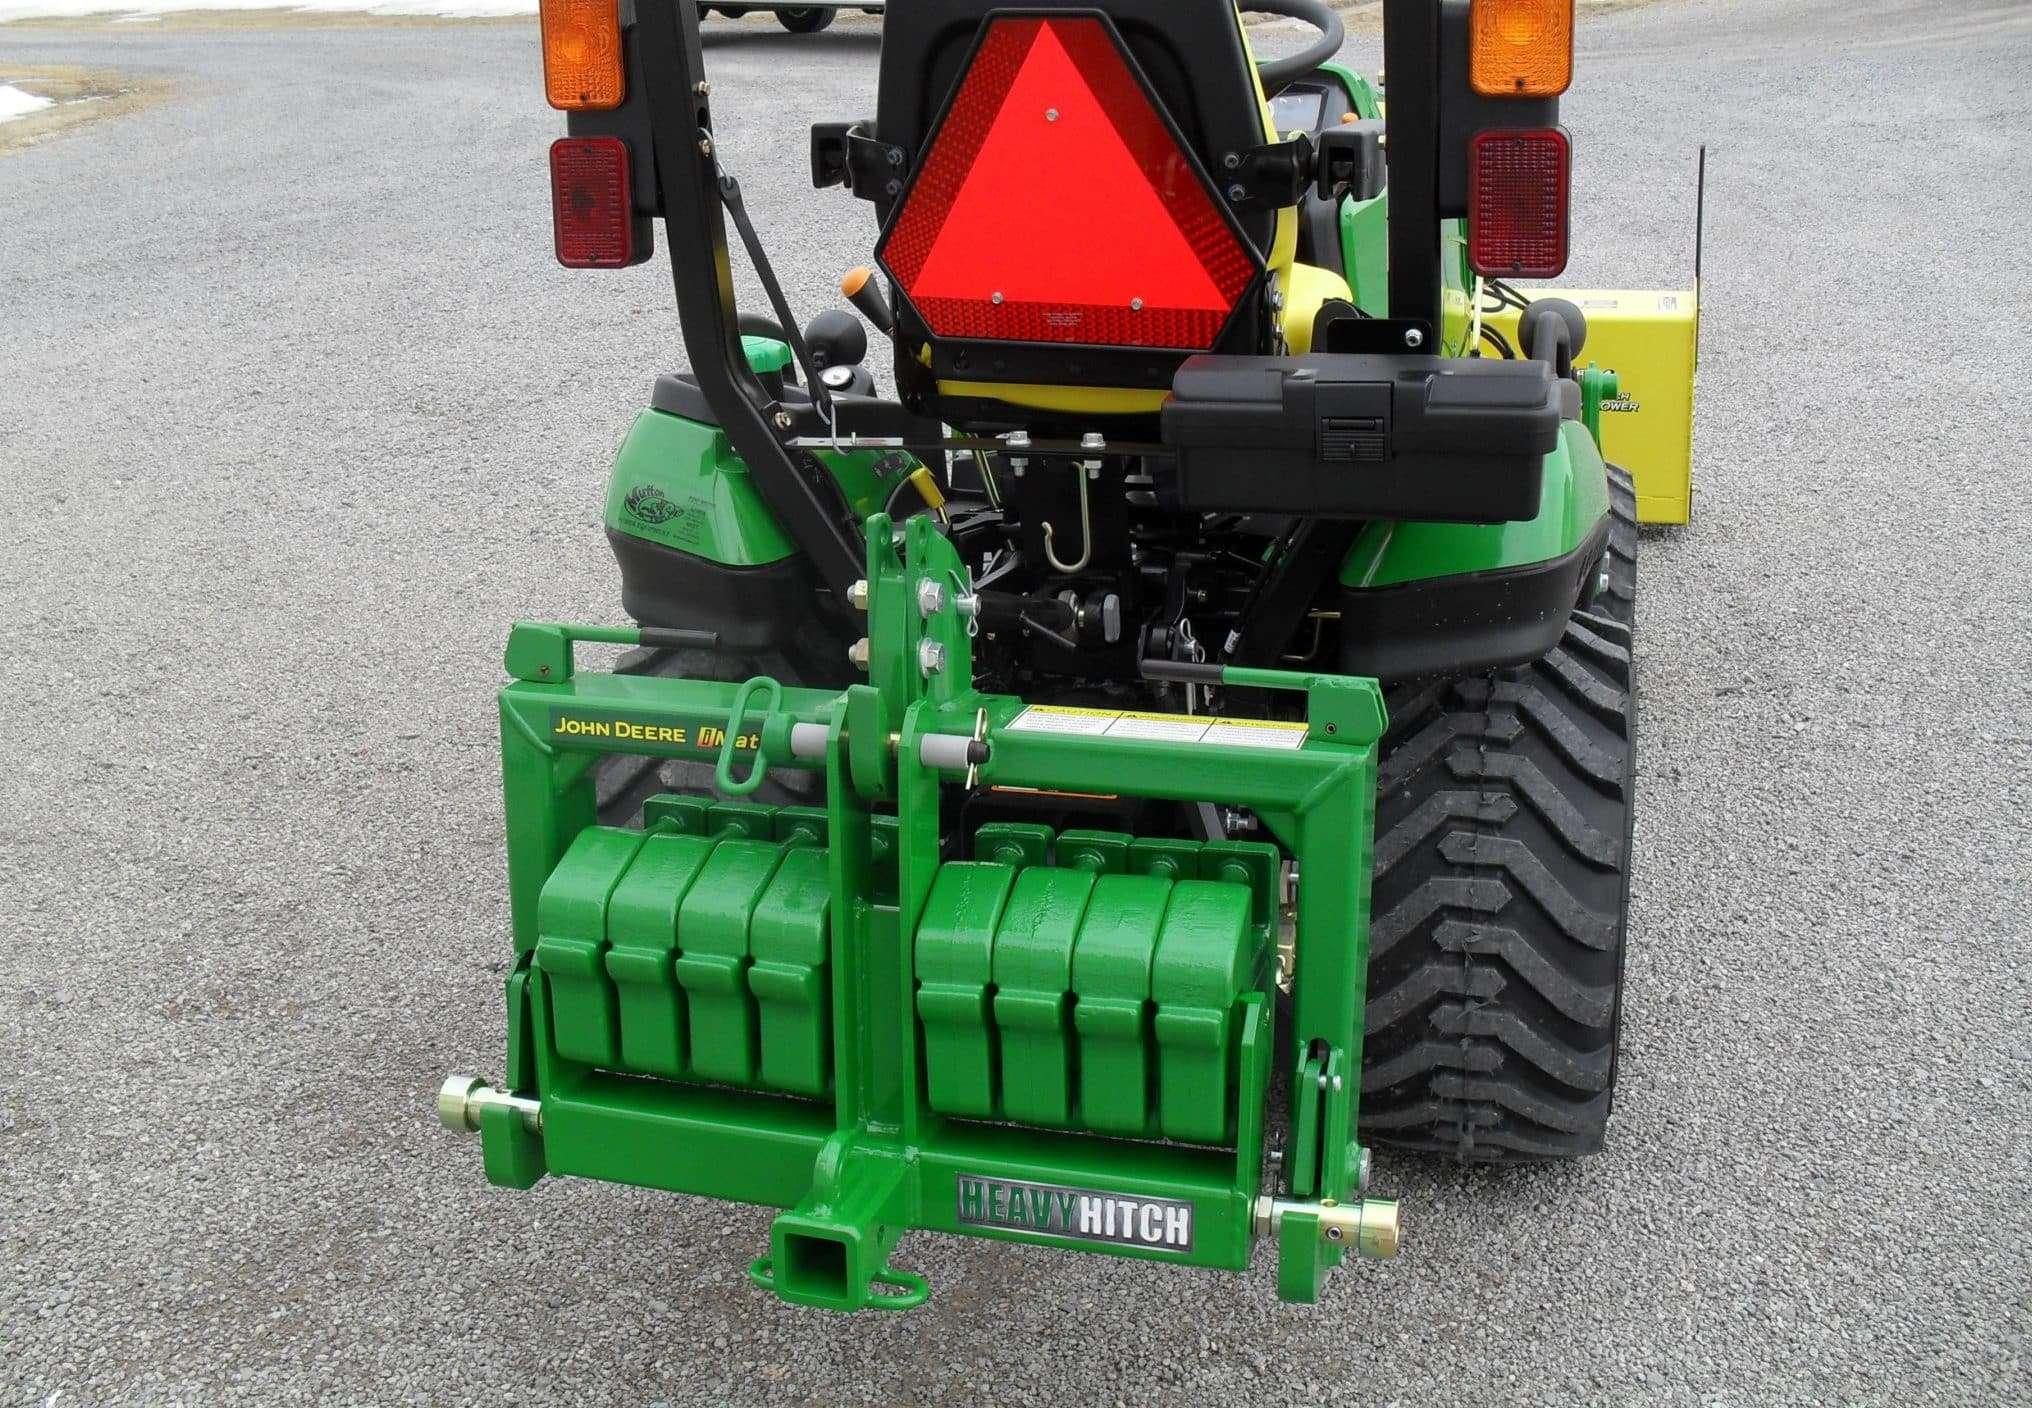 John Deere Garden Tractor Suitcase Weights